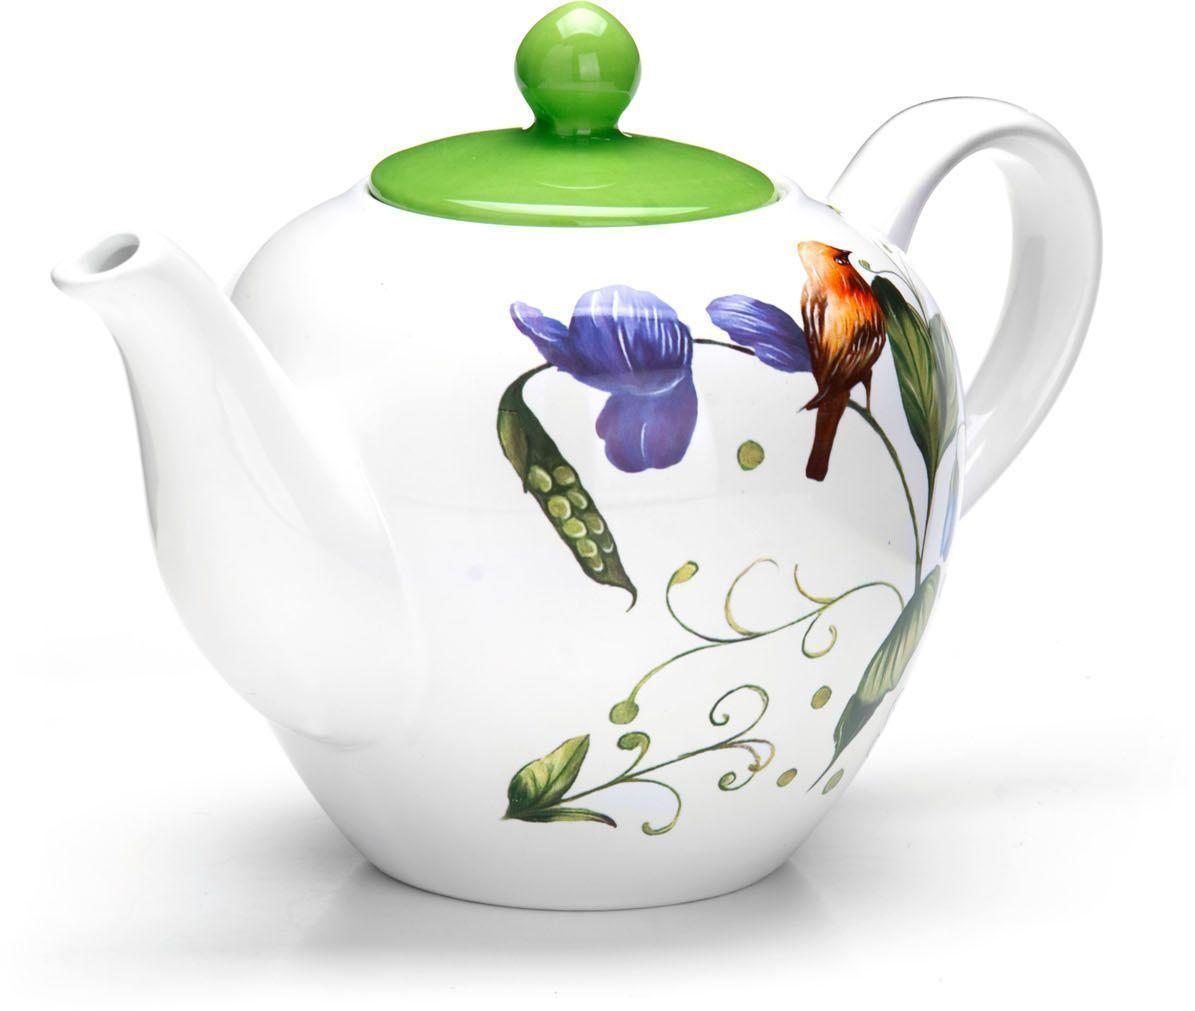 Заварочный чайник Loraine Птичка, 1,2 л, с крышкой. 2660826608Заварочный чайник с крышкой Loraine поможет вам в приготовлении вкусного и ароматного чая, а также станет украшением вашей кухни. Он изготовлен из доломитовой керамики в розовых тонах и оформлен красочным цветочным изображением. Нежный рисунок придает чайнику особый шарм, чайник удобен в использовании и понравится каждому. Такой заварочный чайник станет приятным и практичным подарком на любой праздник. Подходит для мытья в посудомоечной машине.